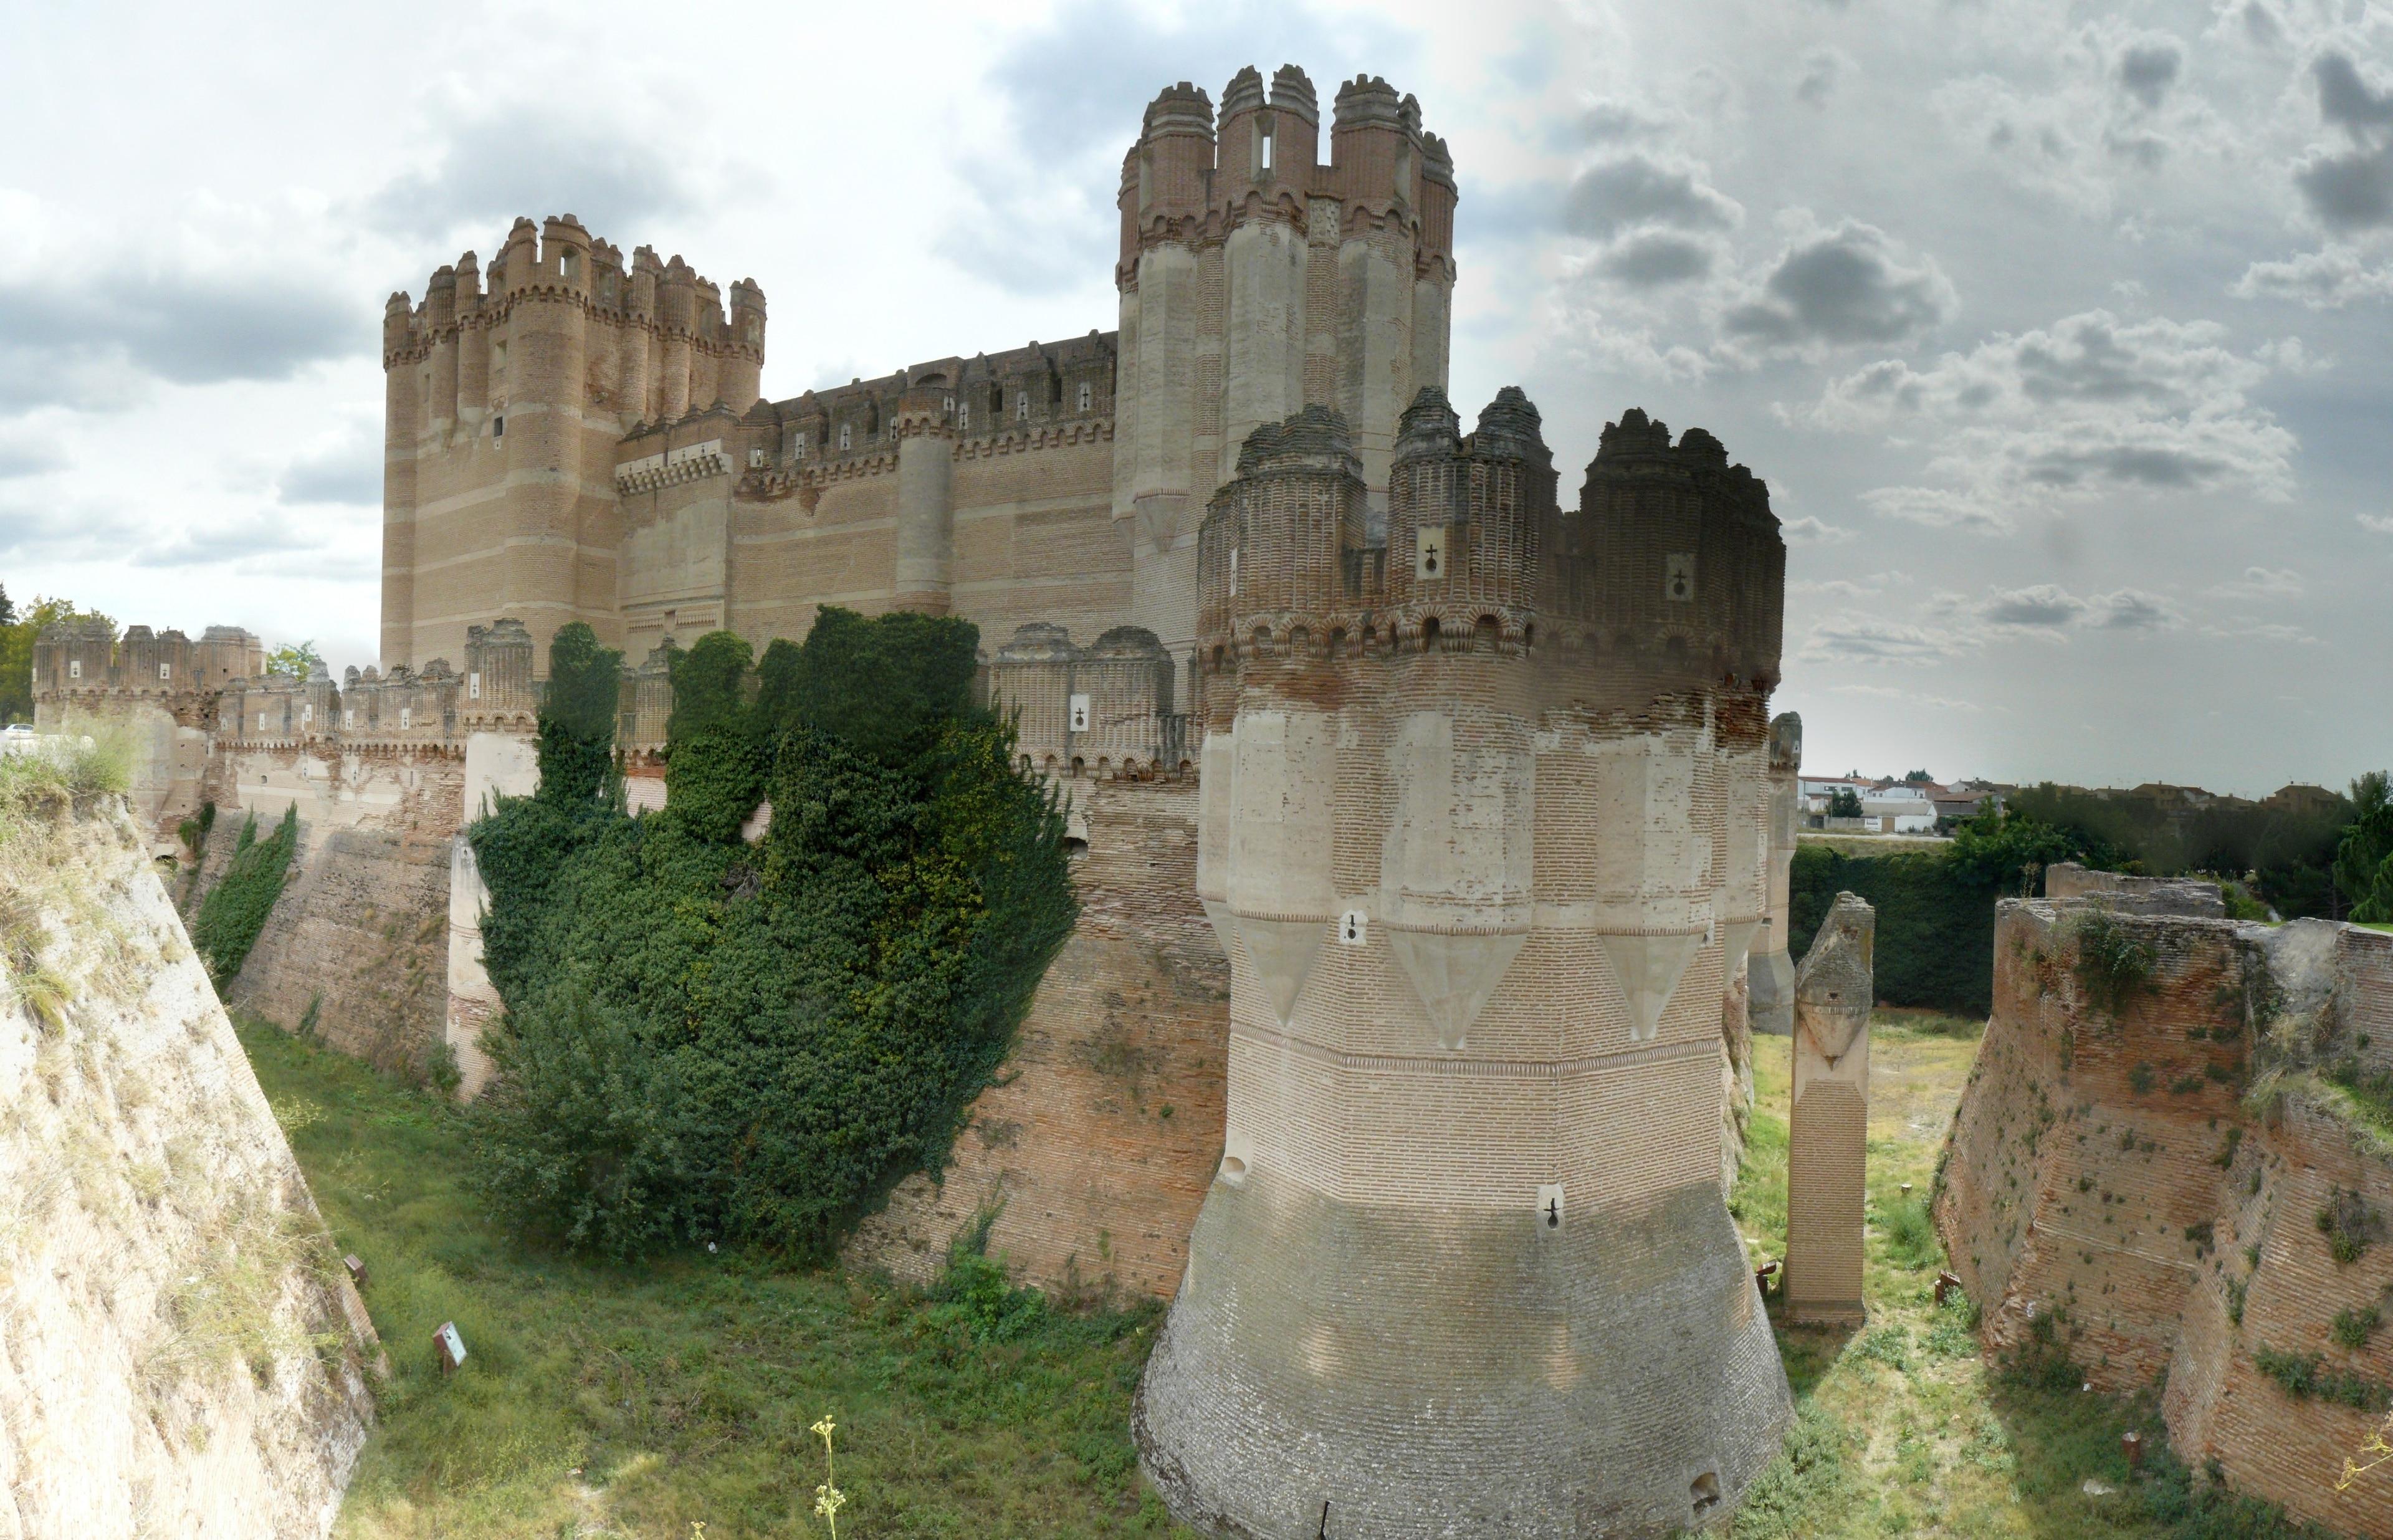 Coca, Castile and Leon, Spain